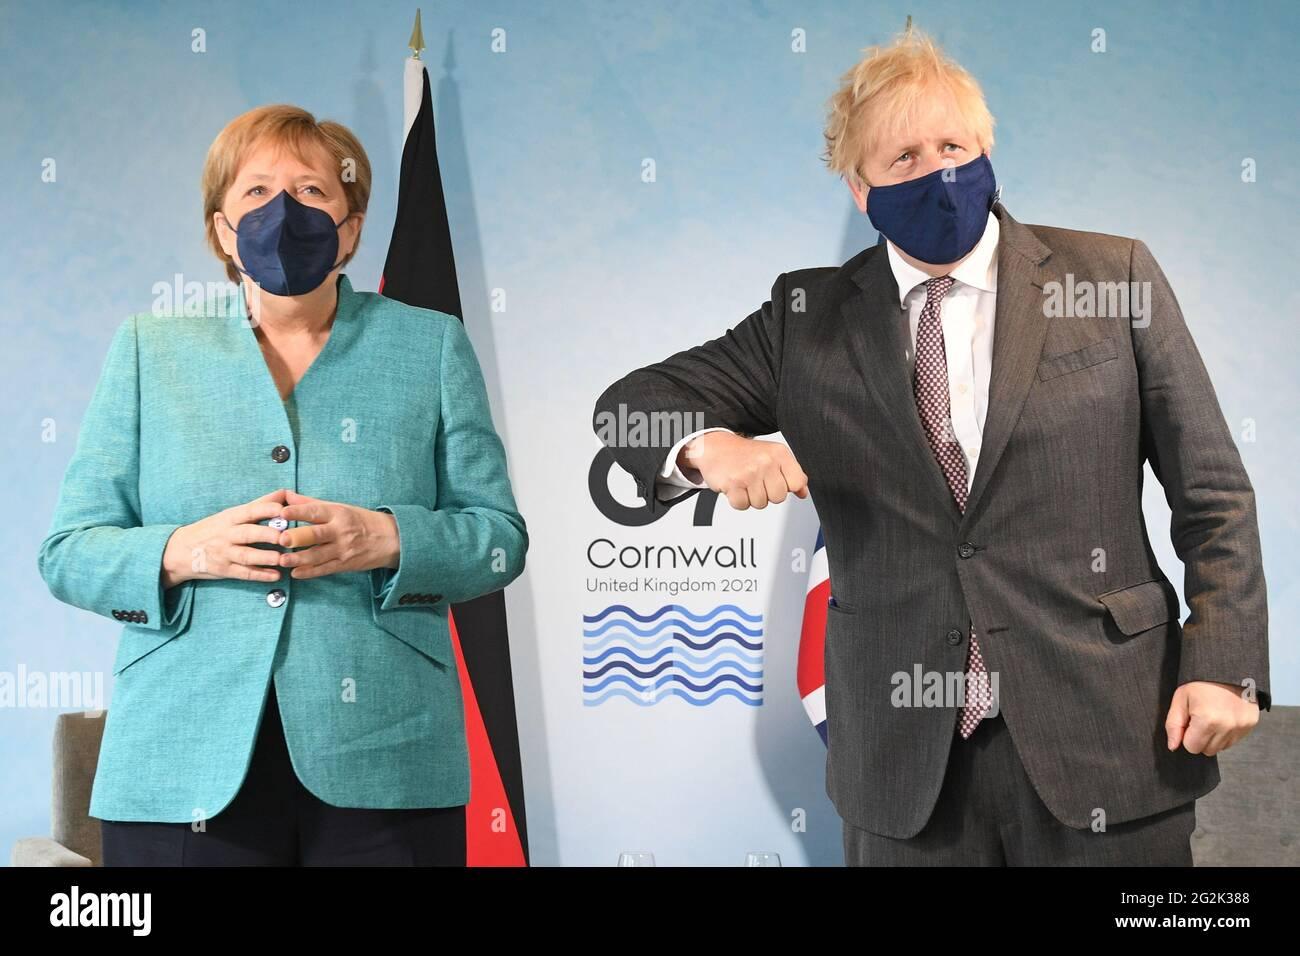 Premierminister Boris Johnson (rechts) begrüßt Bundeskanzlerin Angela Merkel vor einem bilateralen Treffen während des G7-Gipfels in Cornwall. Bilddatum: Samstag, 12. Juni 2021. Stockfoto